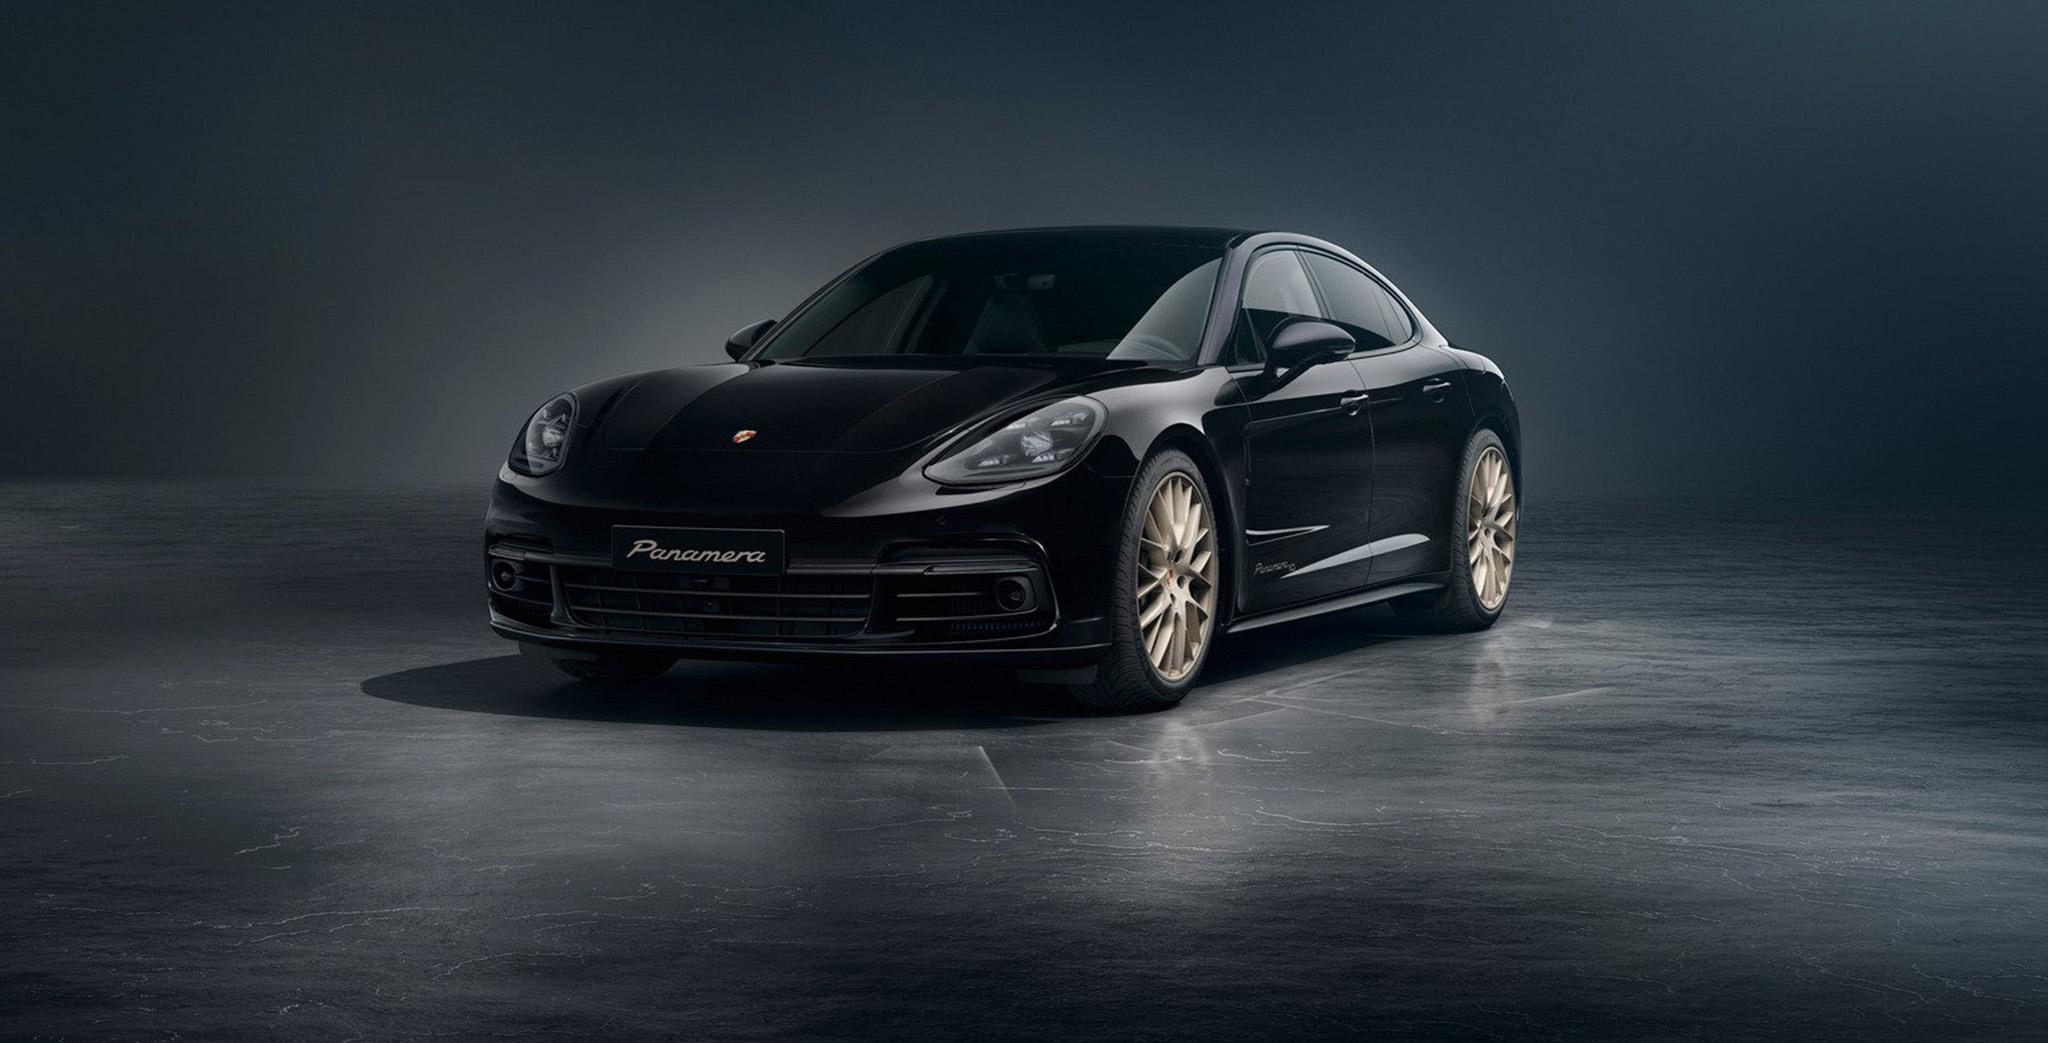 Porsche Panamera phiên bản kỷ niệm 10 năm giá từ 103.000 USD